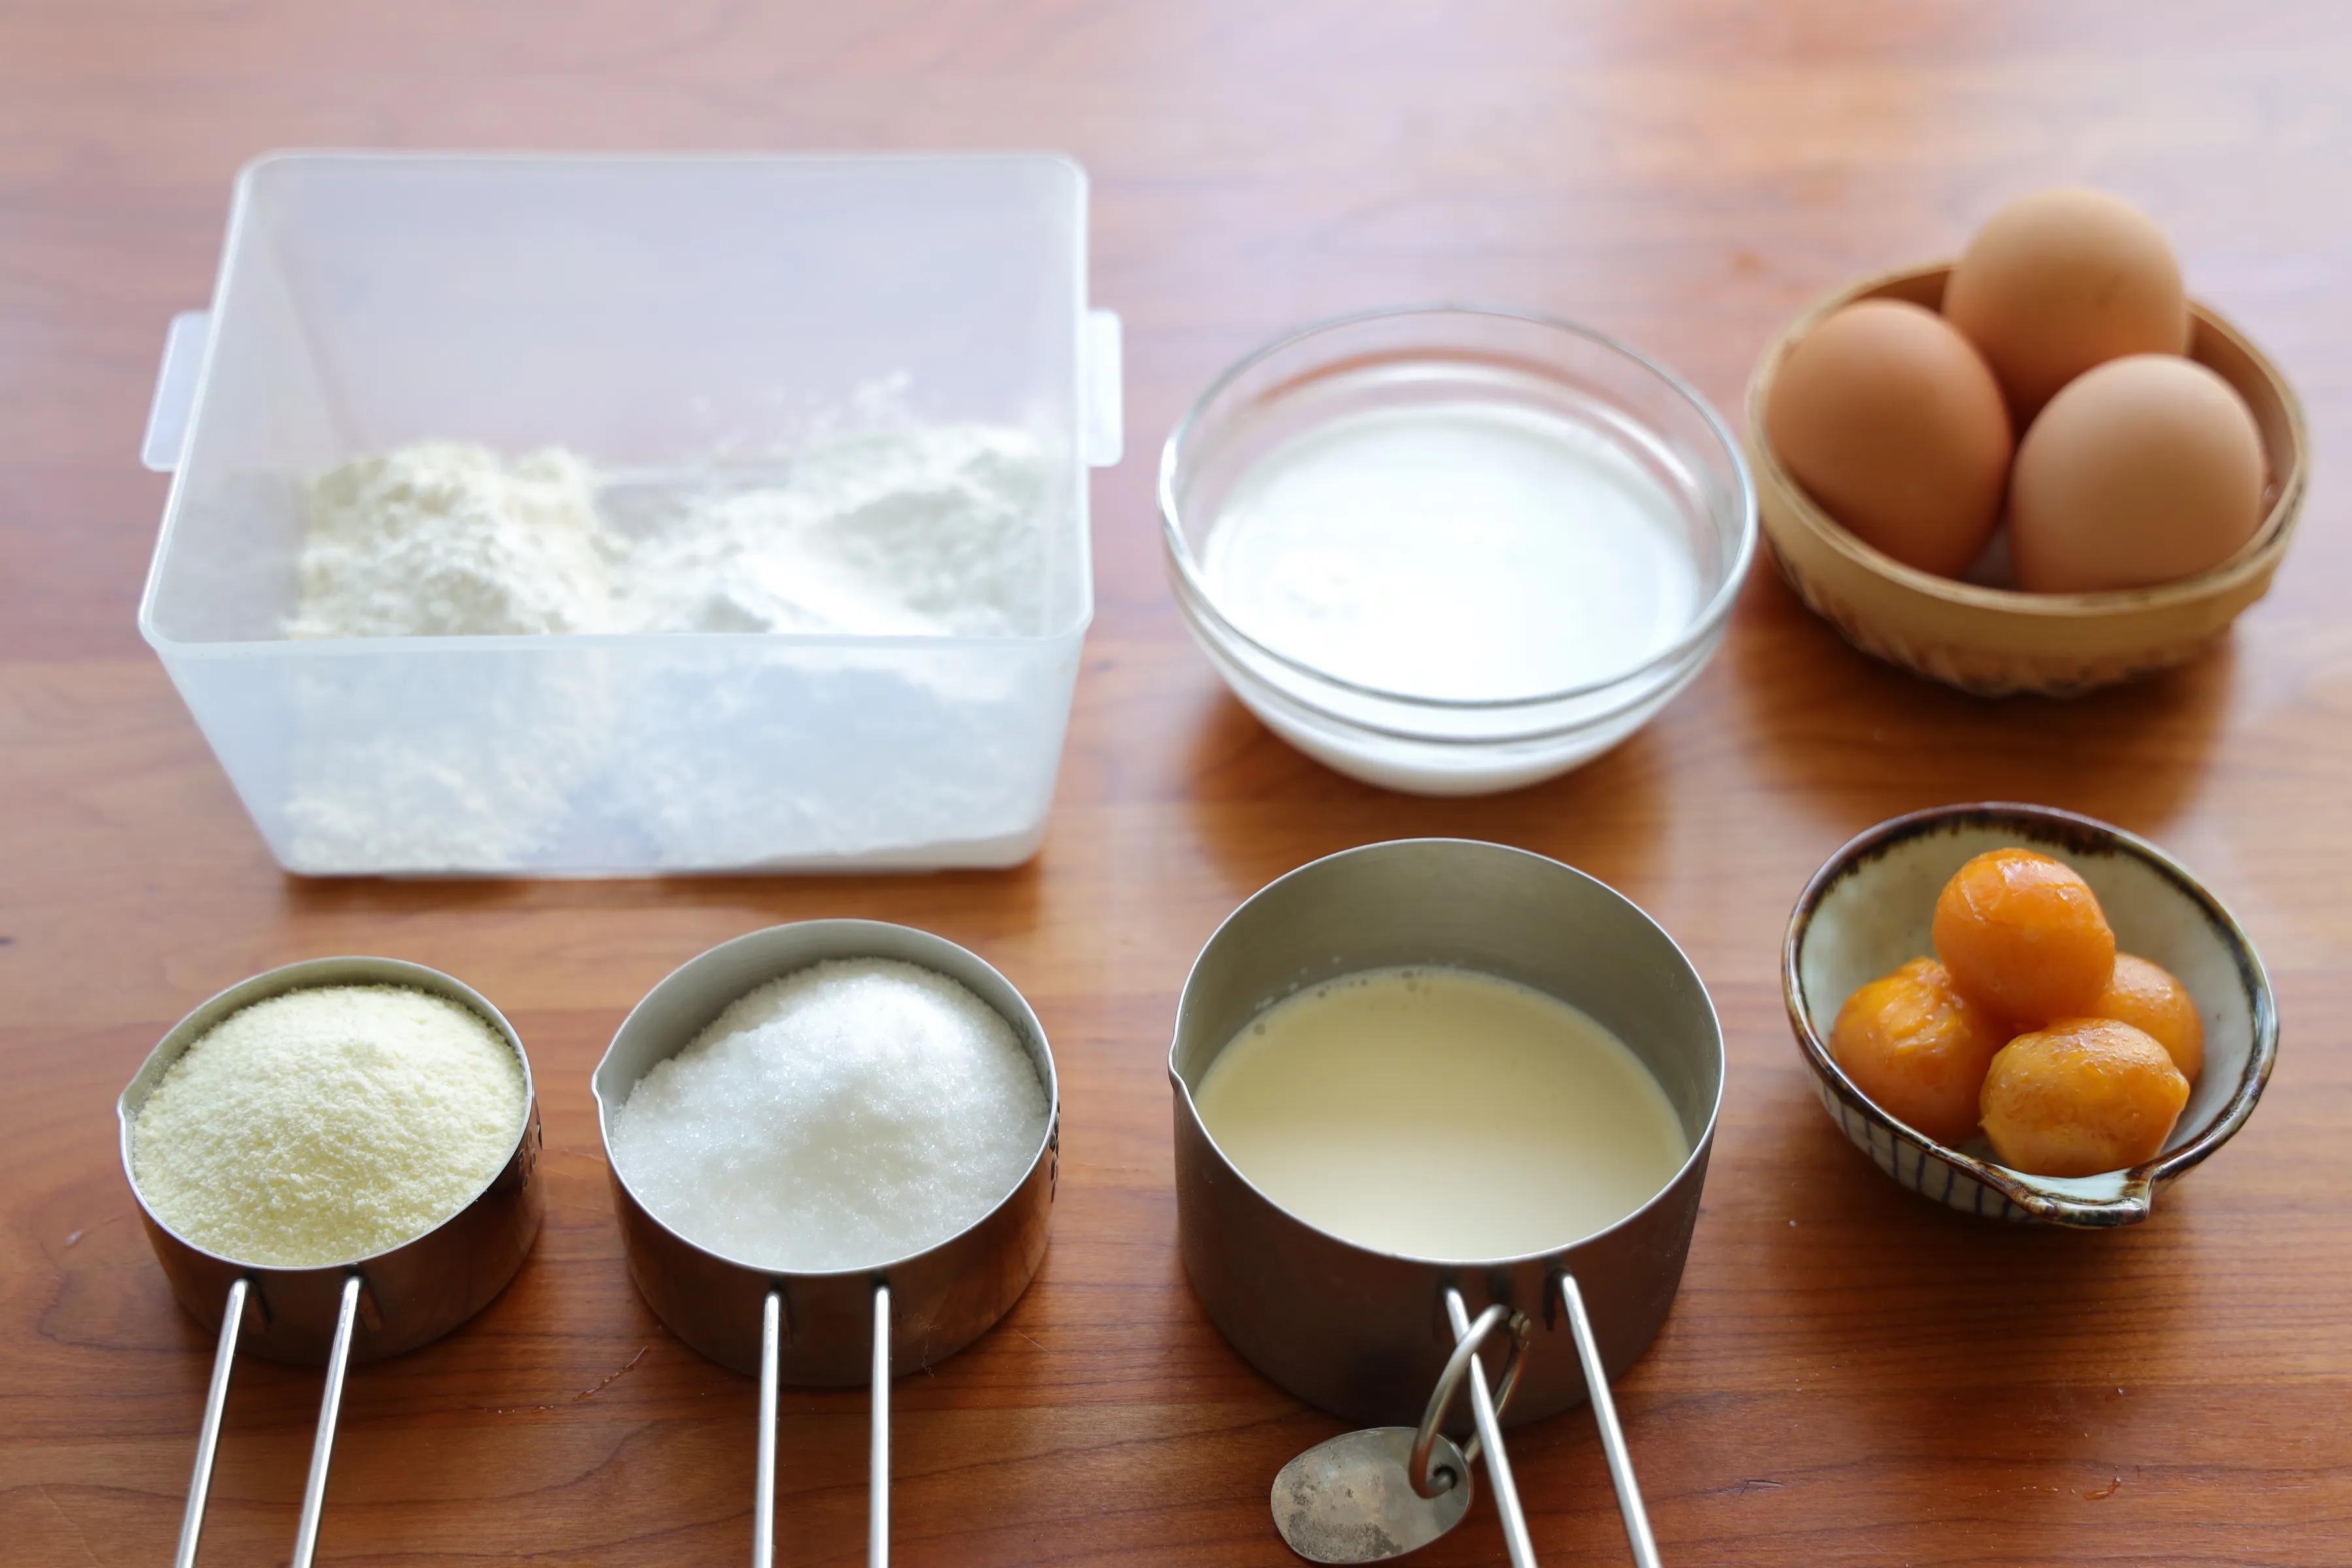 万能的奶黄馅儿,月饼包子离不开,小朋友超级爱吃!做法超简单